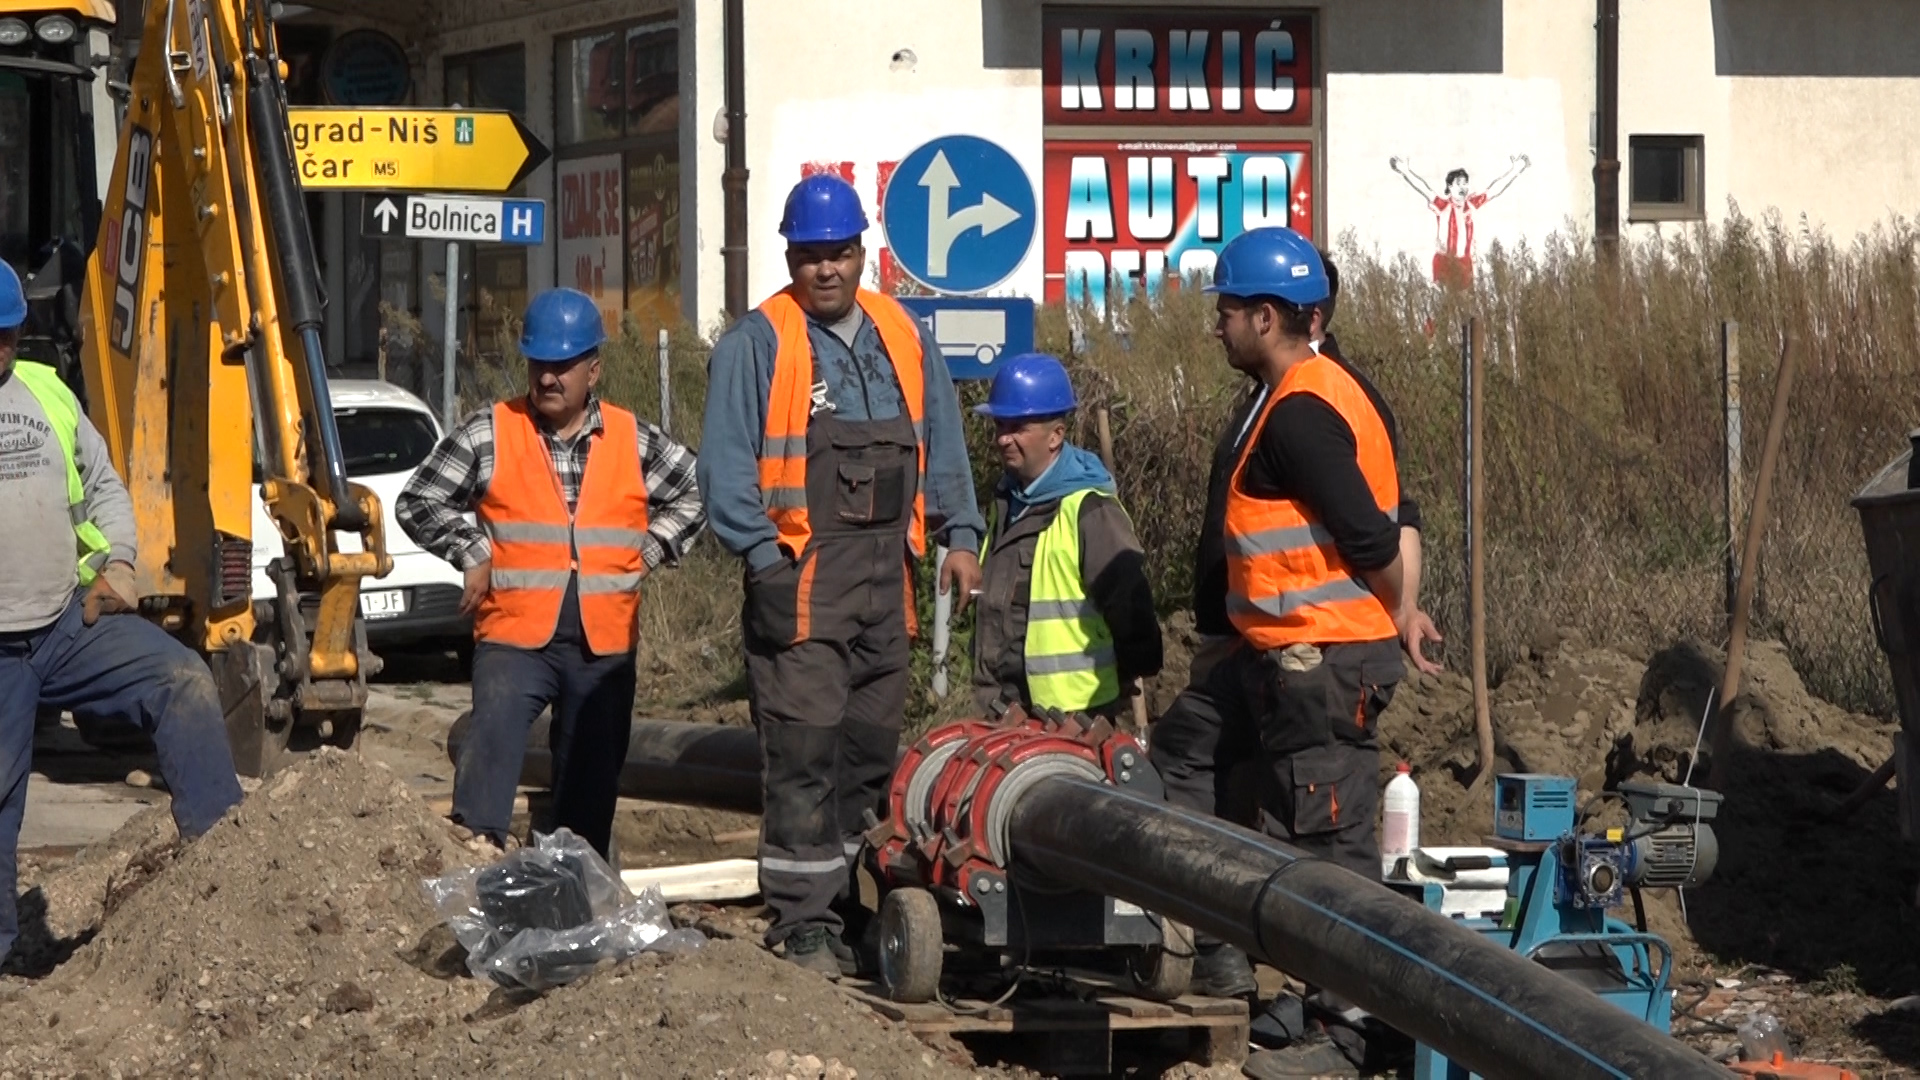 Privode se kraju radovi na rekonstrukciji vodovodne mreže u bivšoj Niškoj ulici